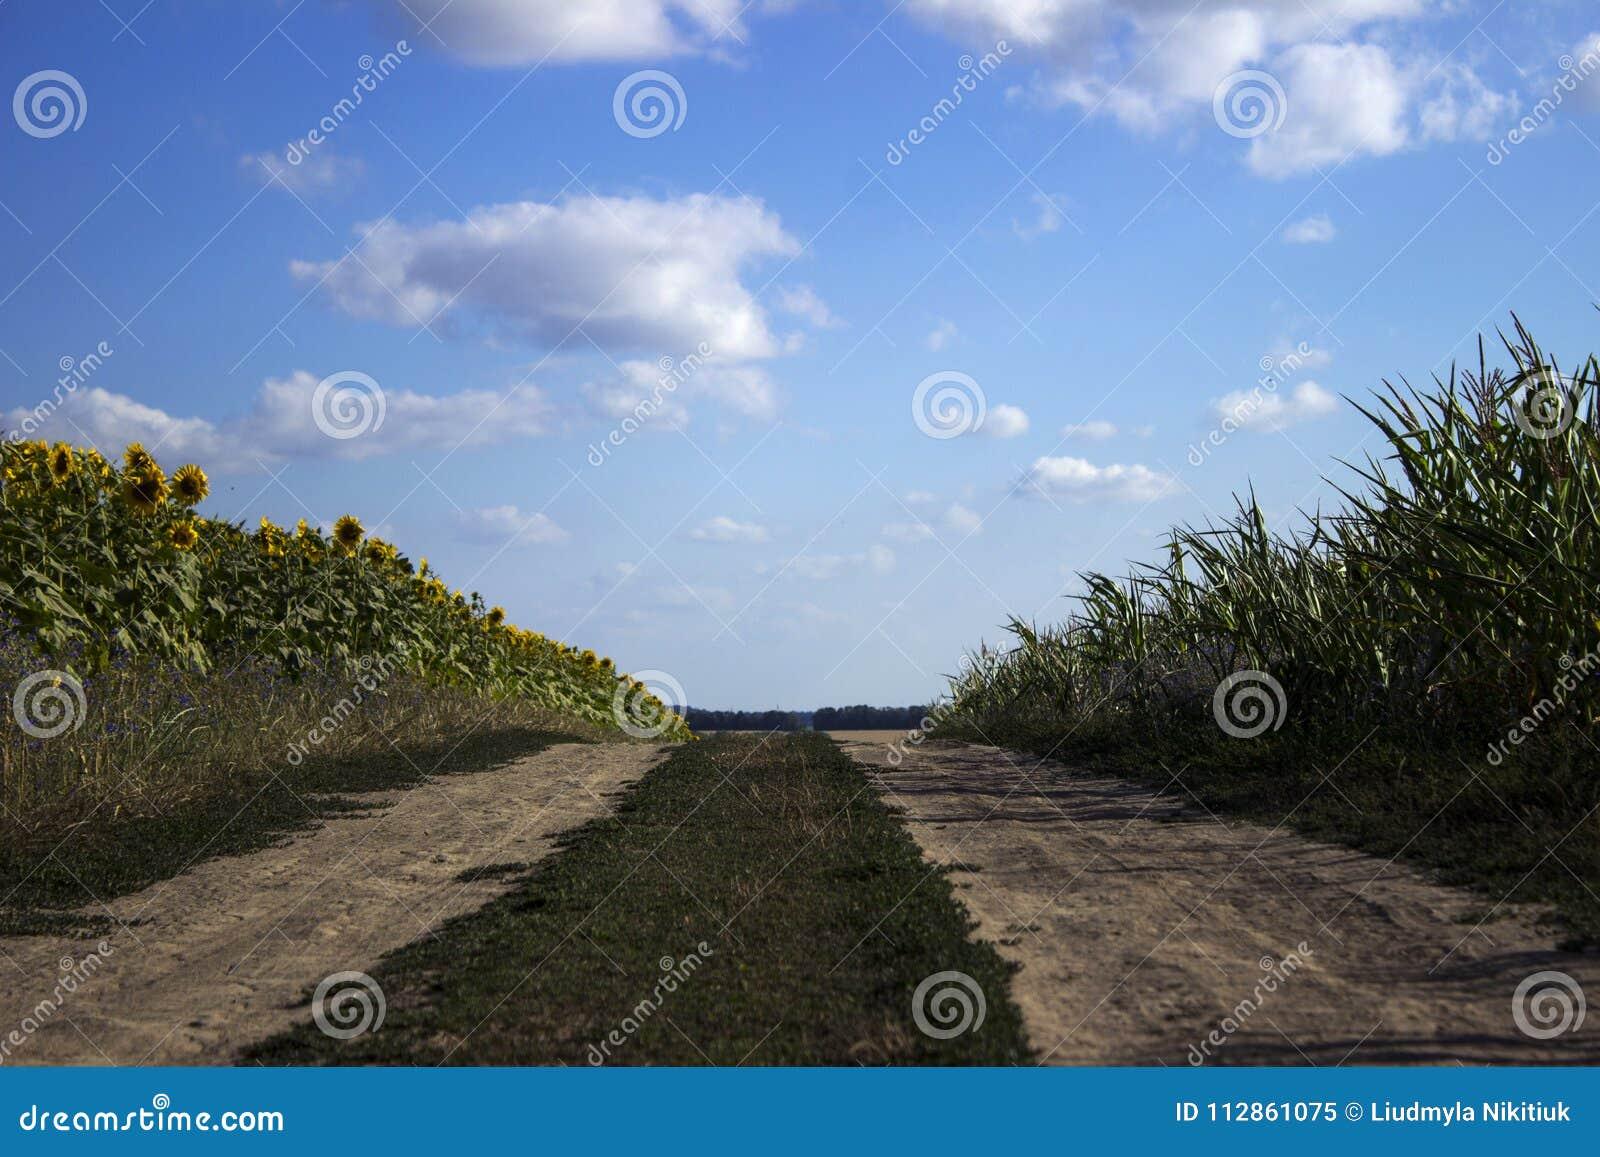 Blomningen av solrosen och mogen havre och vete i ett fält